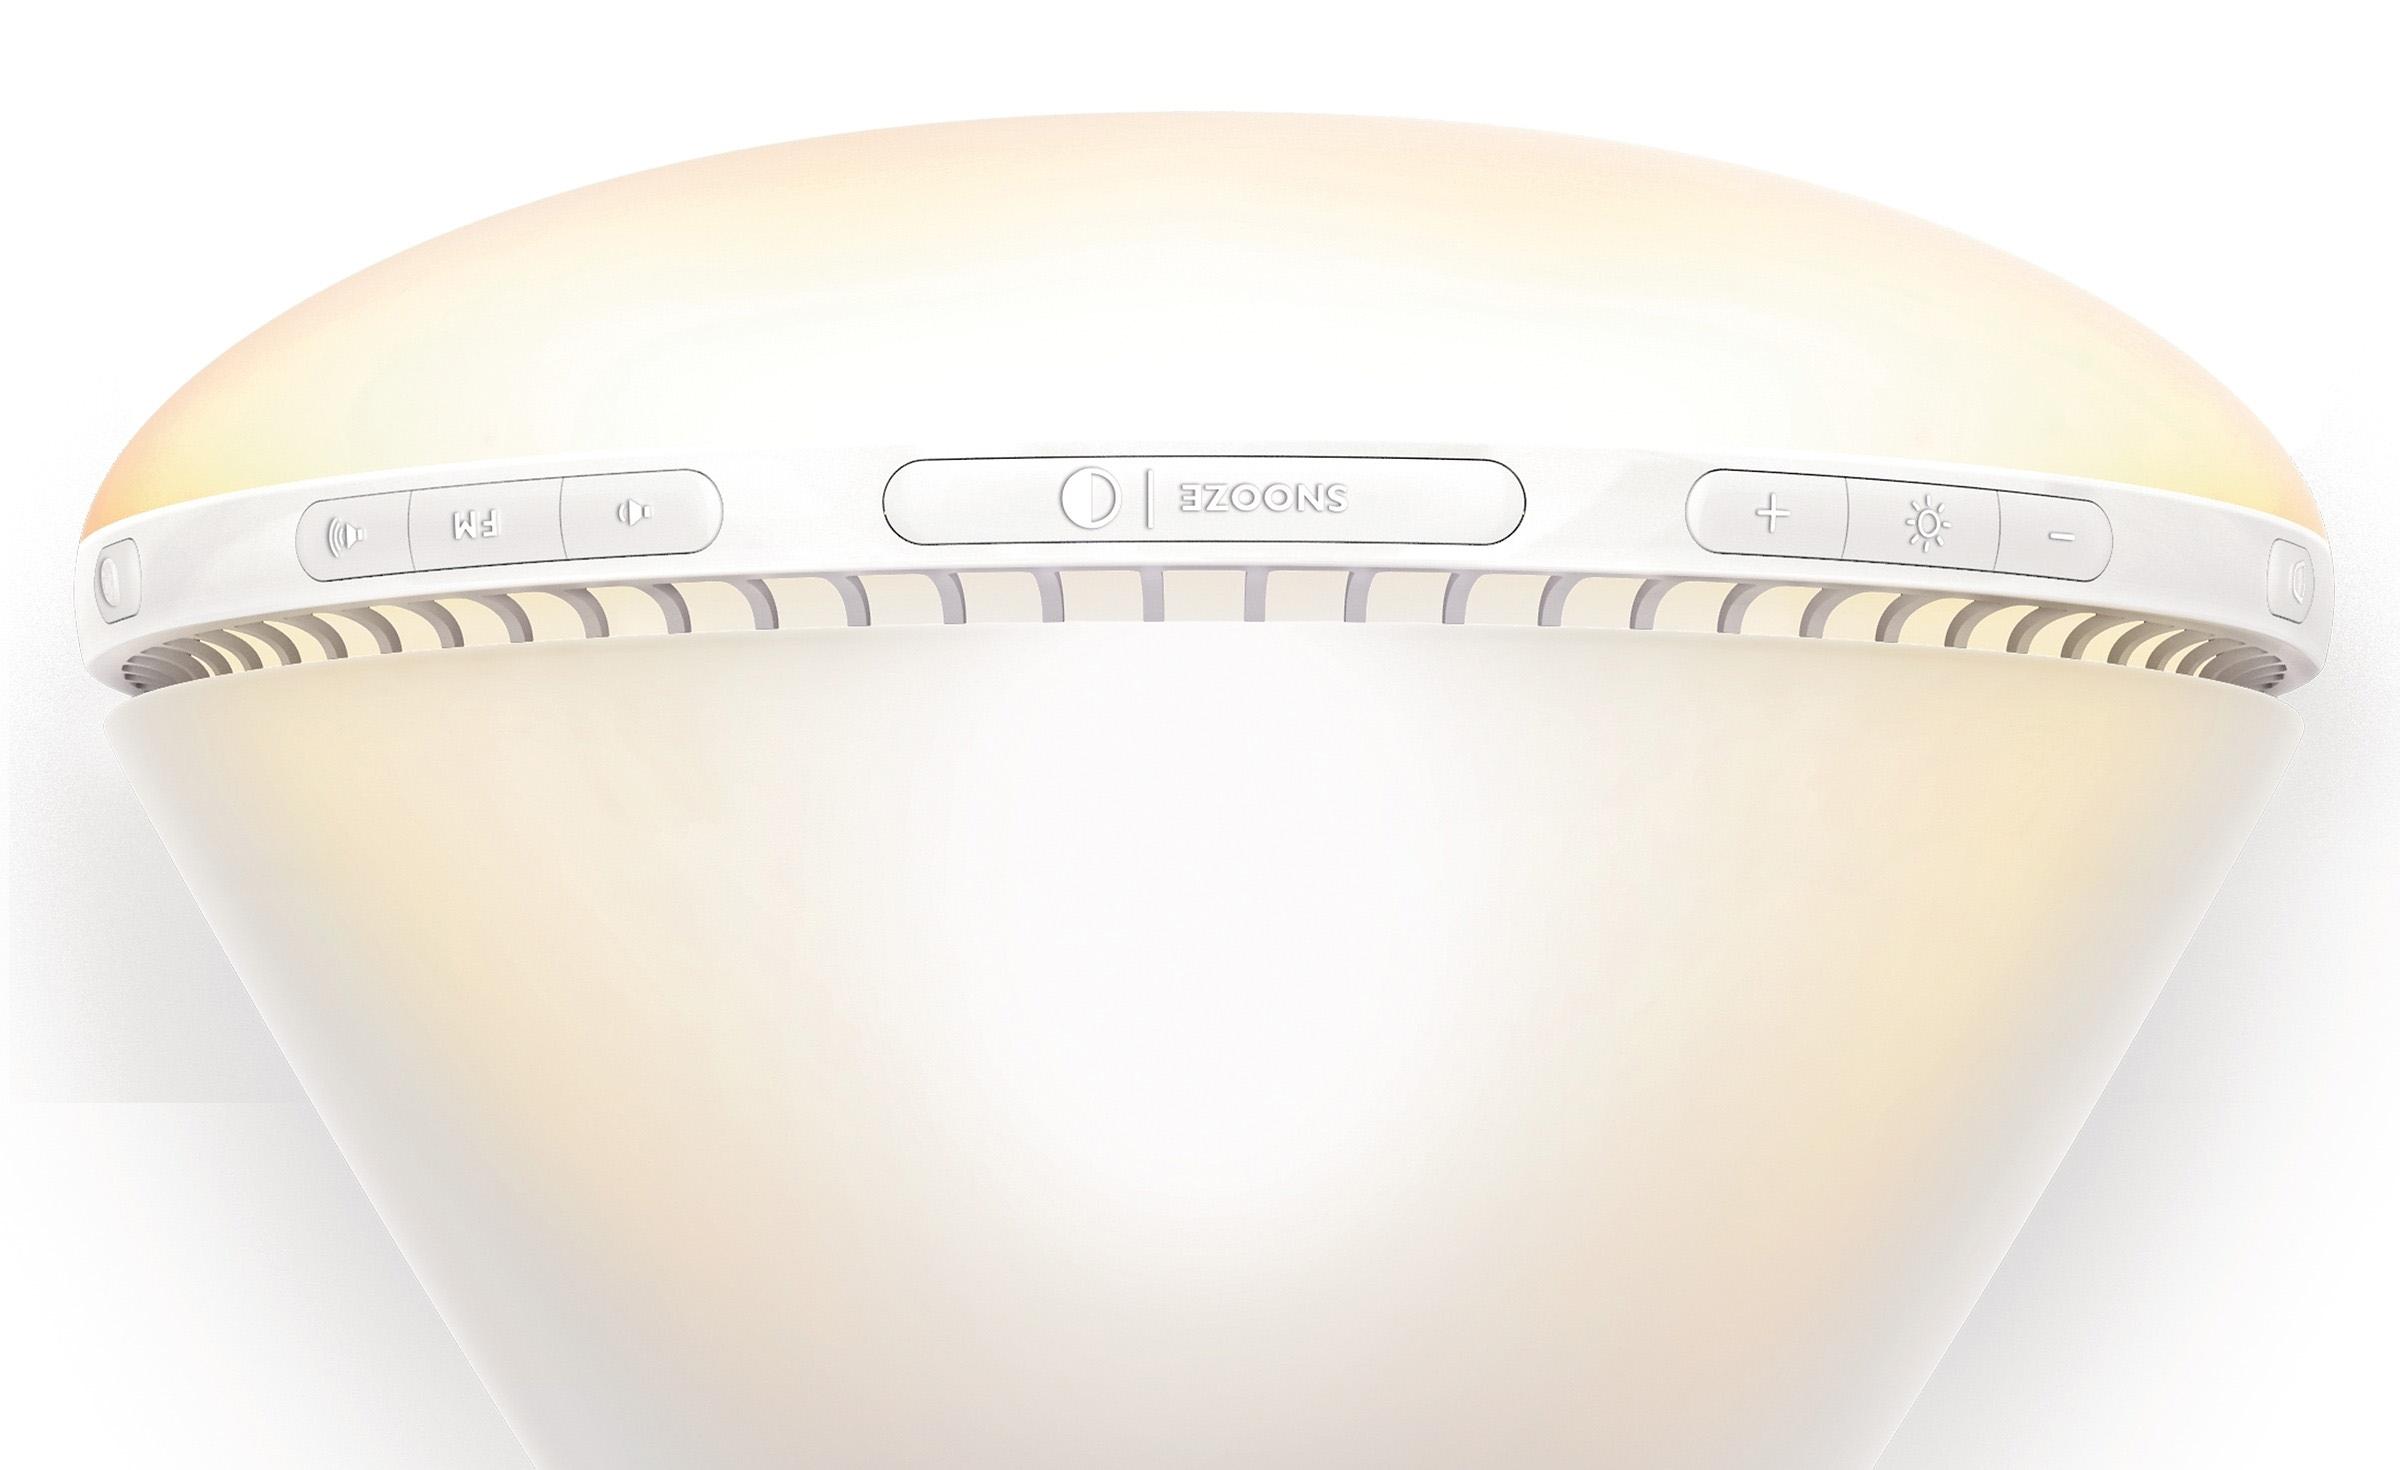 Philips Wekker Licht : Philips wake up light hf3510 01 makkelijk besteld otto